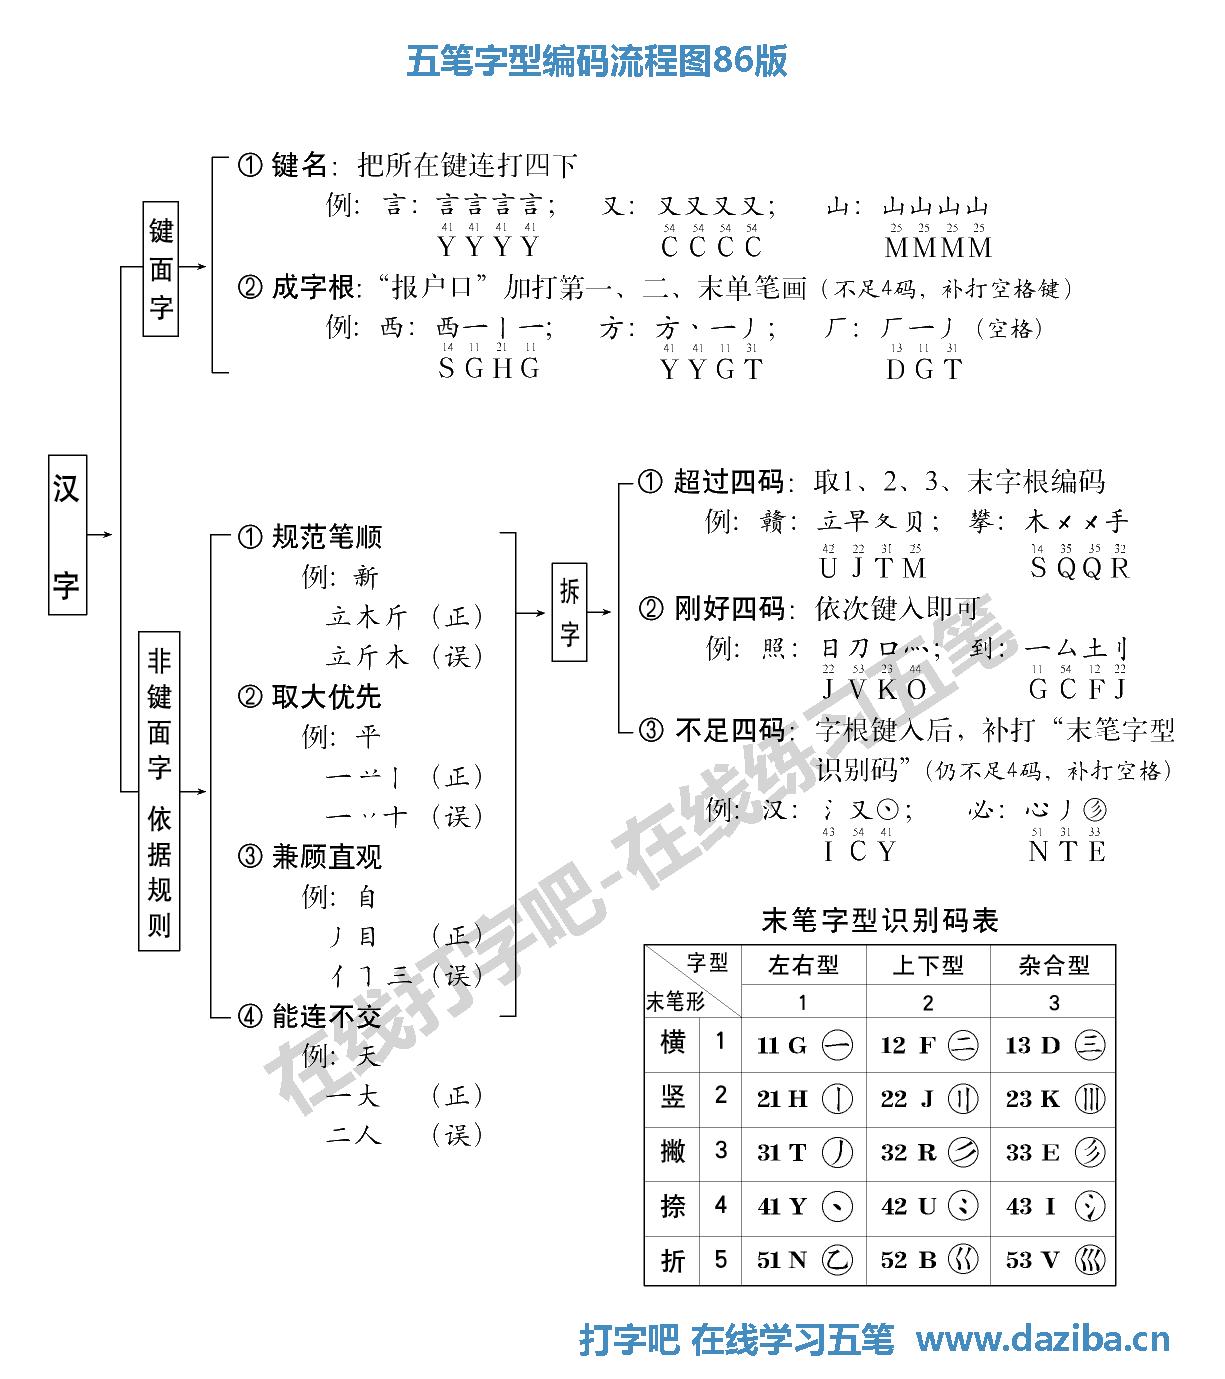 五笔编码流程图